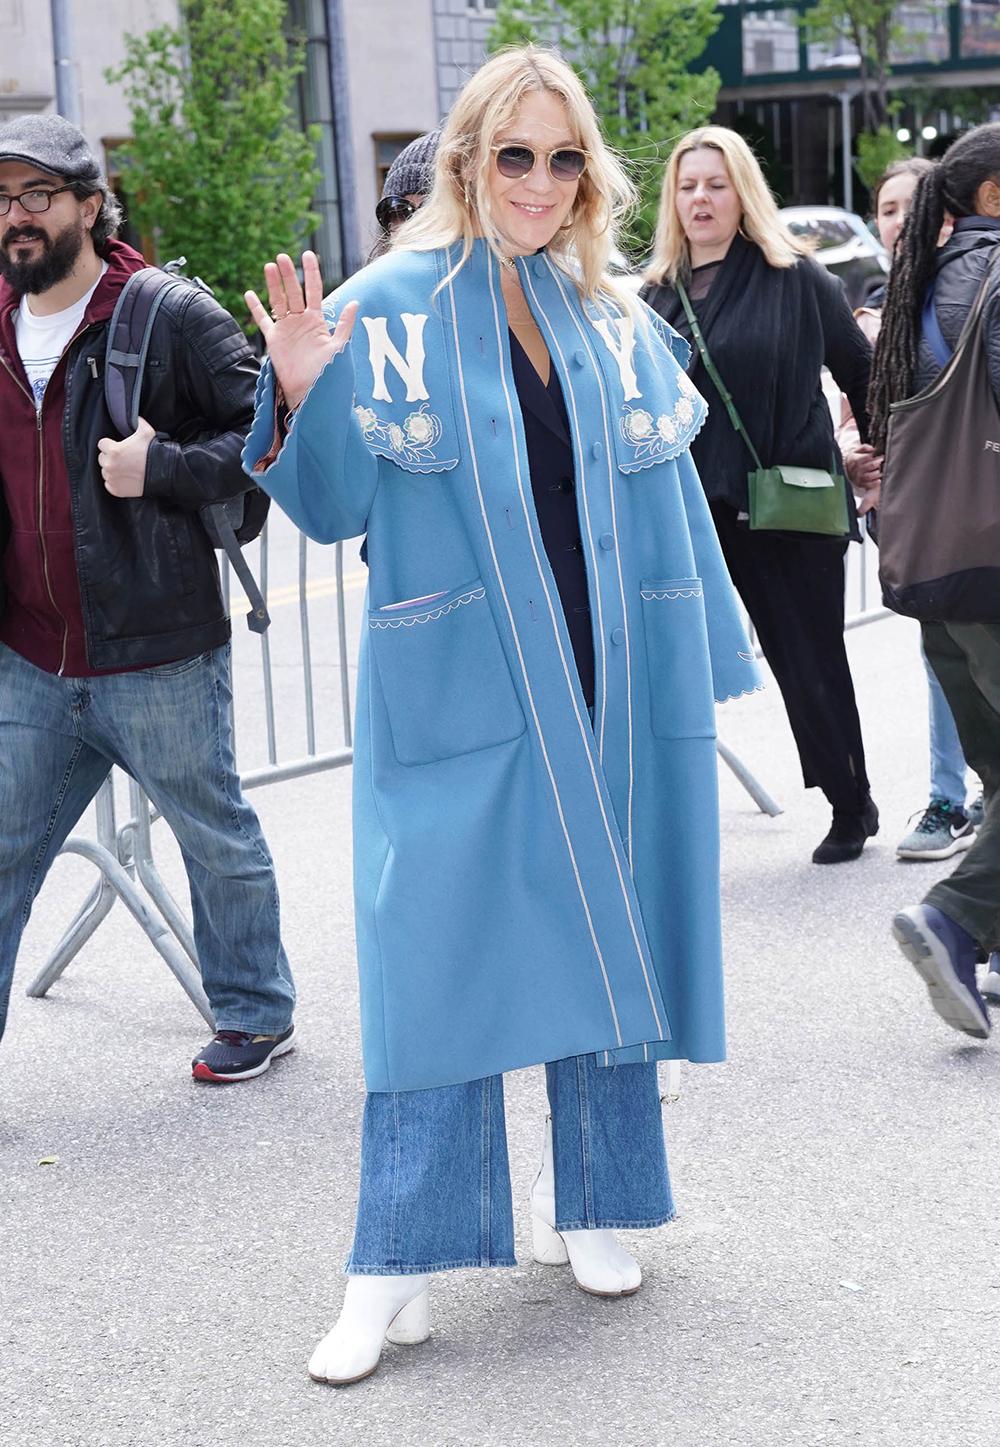 おしゃれセレブのクロエ・セヴェニーはワイドシルエットにノーカラーのコートをコーディネイト。どこかロマンティック雰囲気があるコートだから、デニムスタイルでもカジュアルになりすぎない。